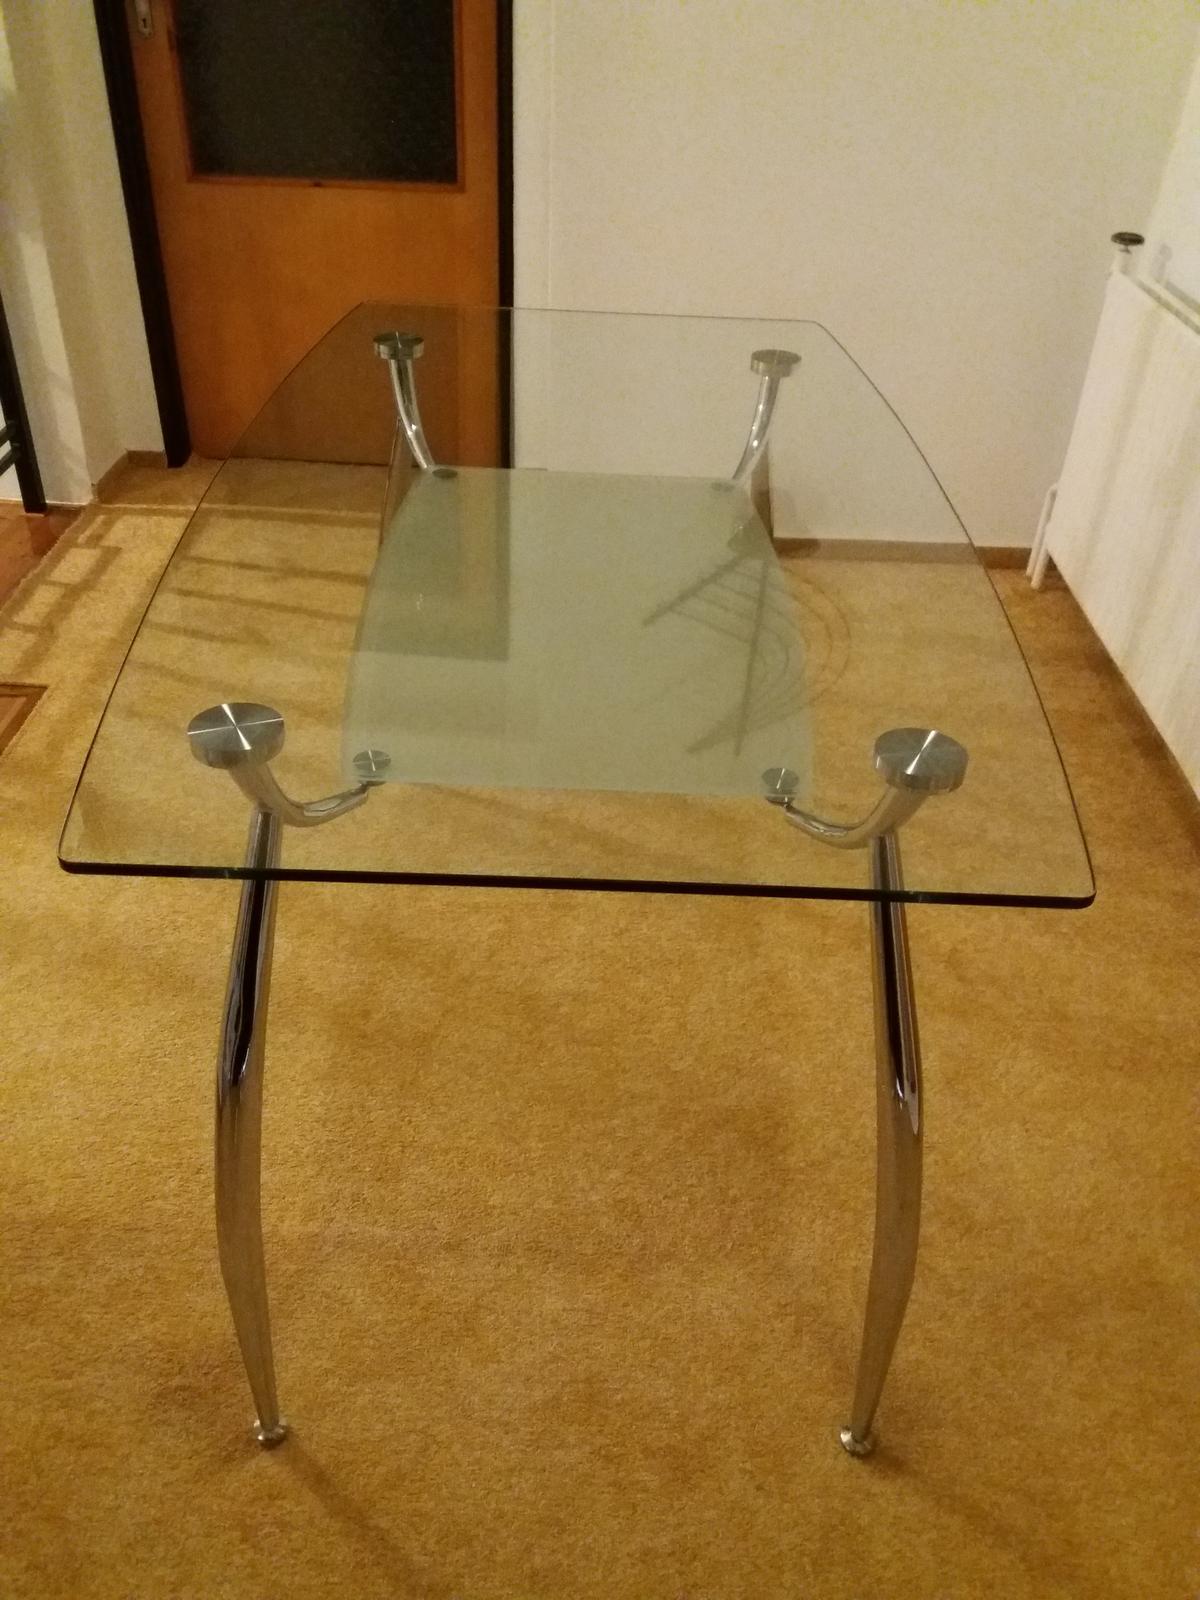 Skleněný jídelní stůl ( a proutěné židle zdarma) - Obrázek č. 1